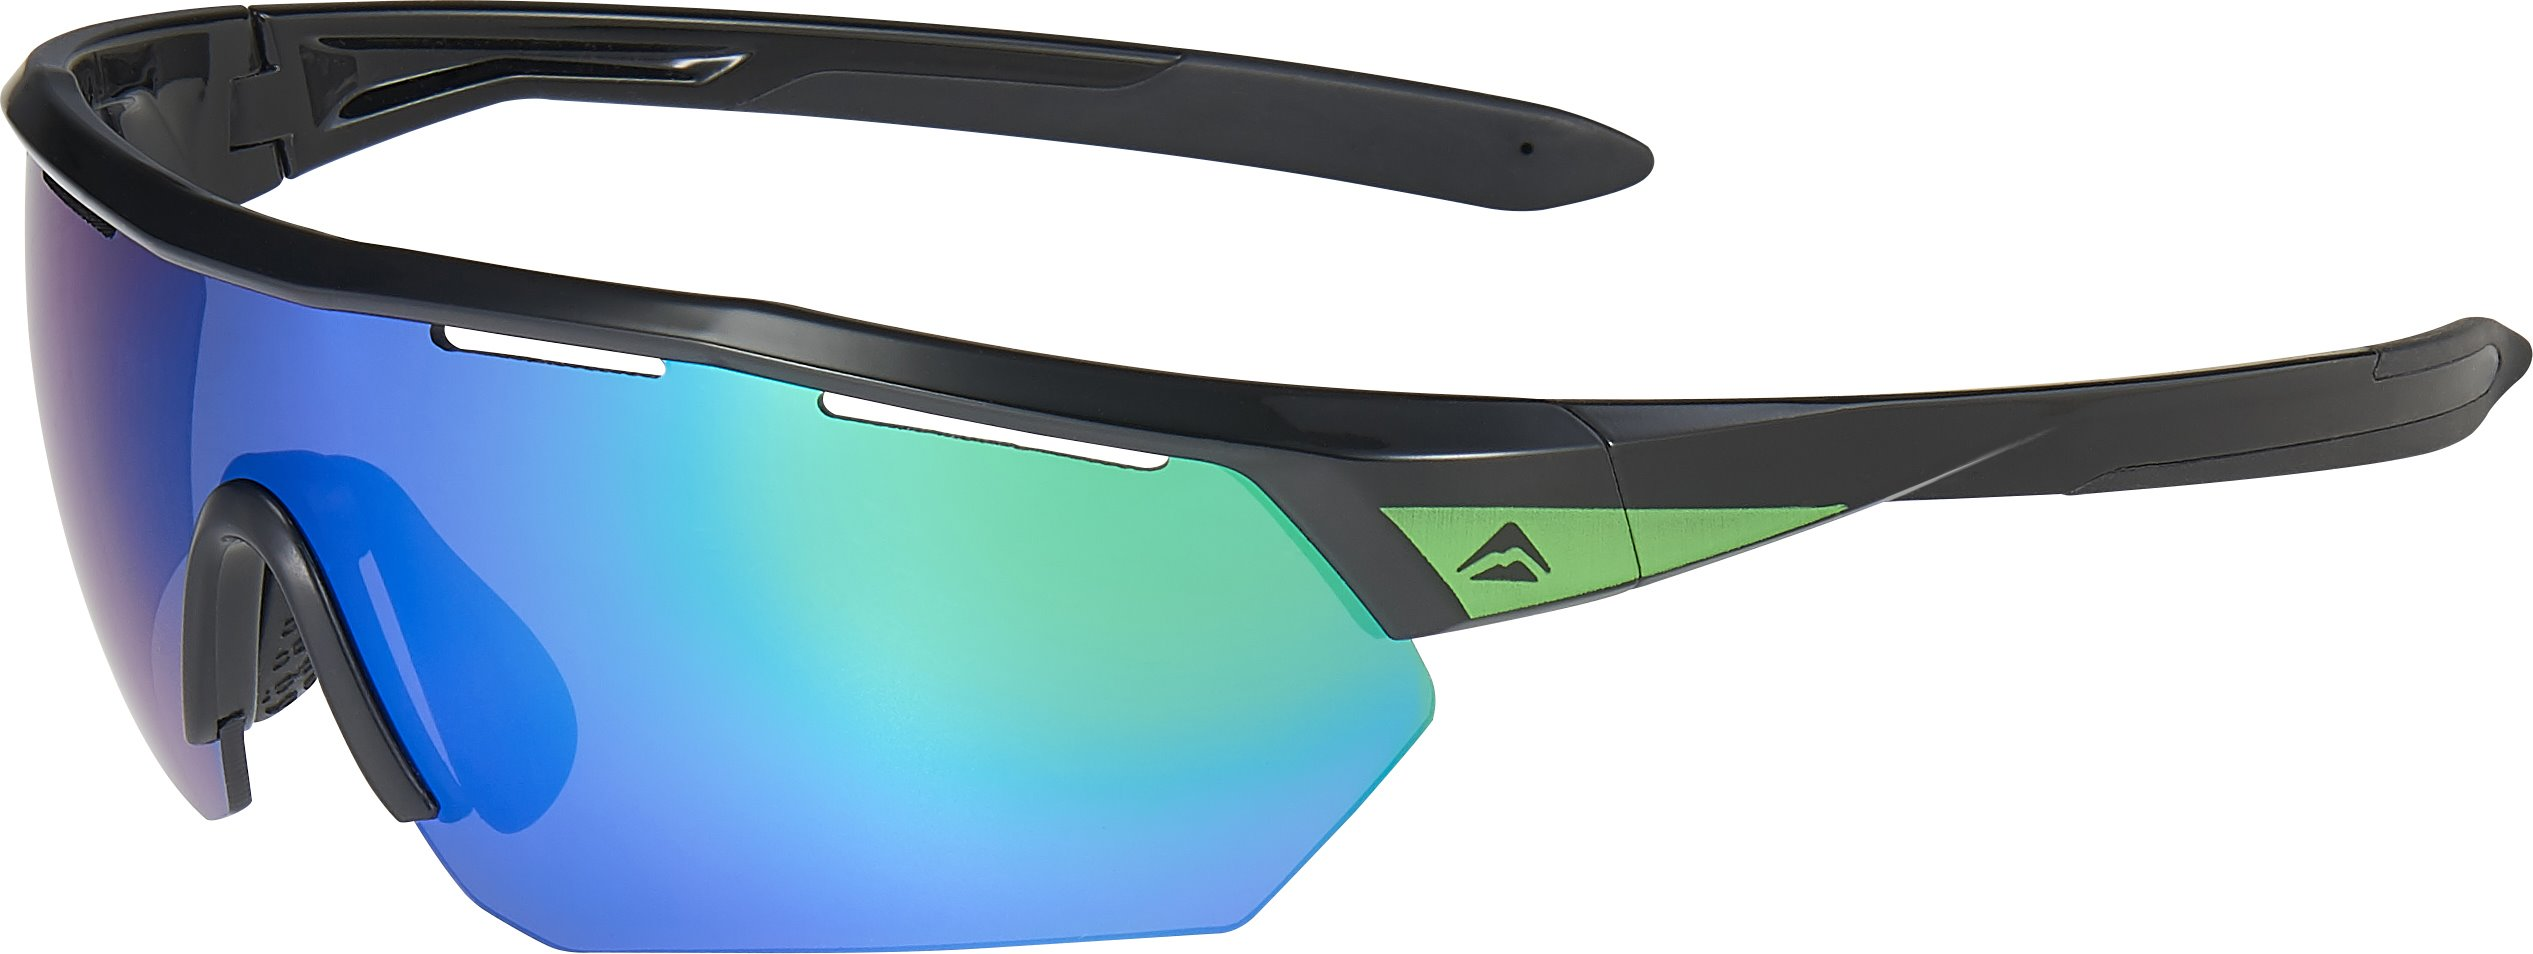 MERIDA - Brýle SPORT II 3 černé/modré